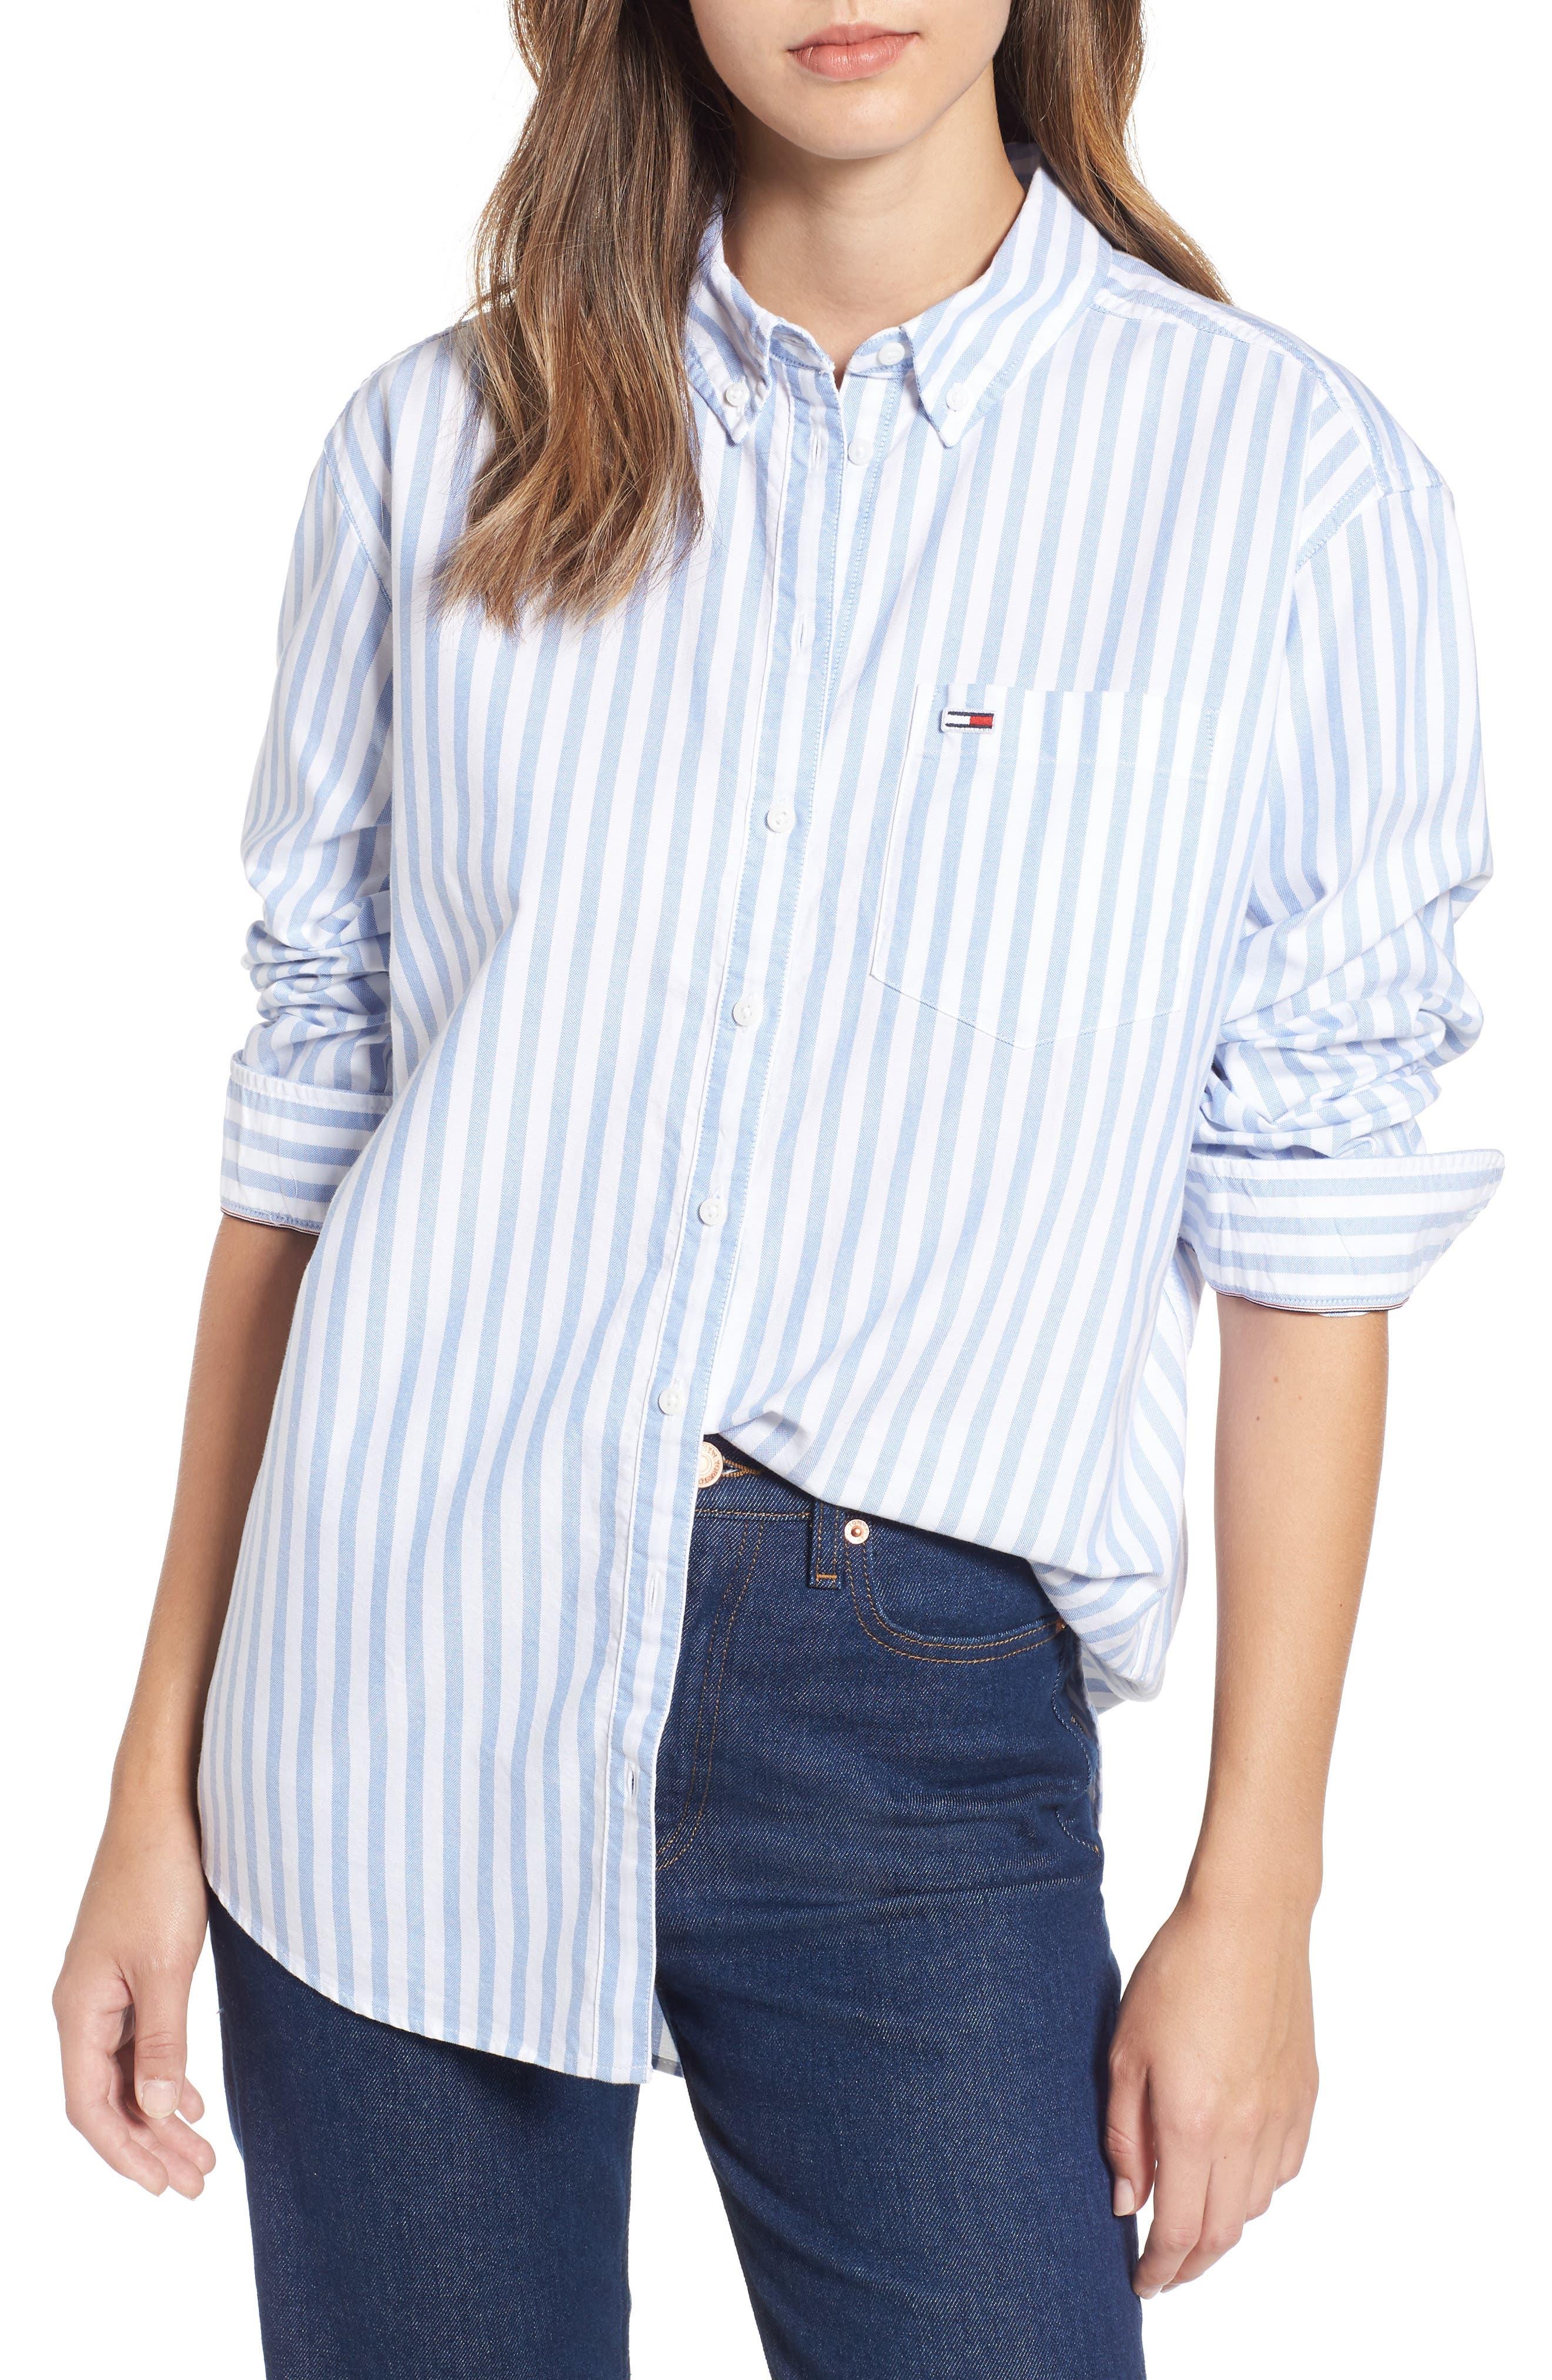 TJW Classics Stripe Shirt,                             Main thumbnail 1, color,                             BRIGHT WHITE / LIGHT BLUE